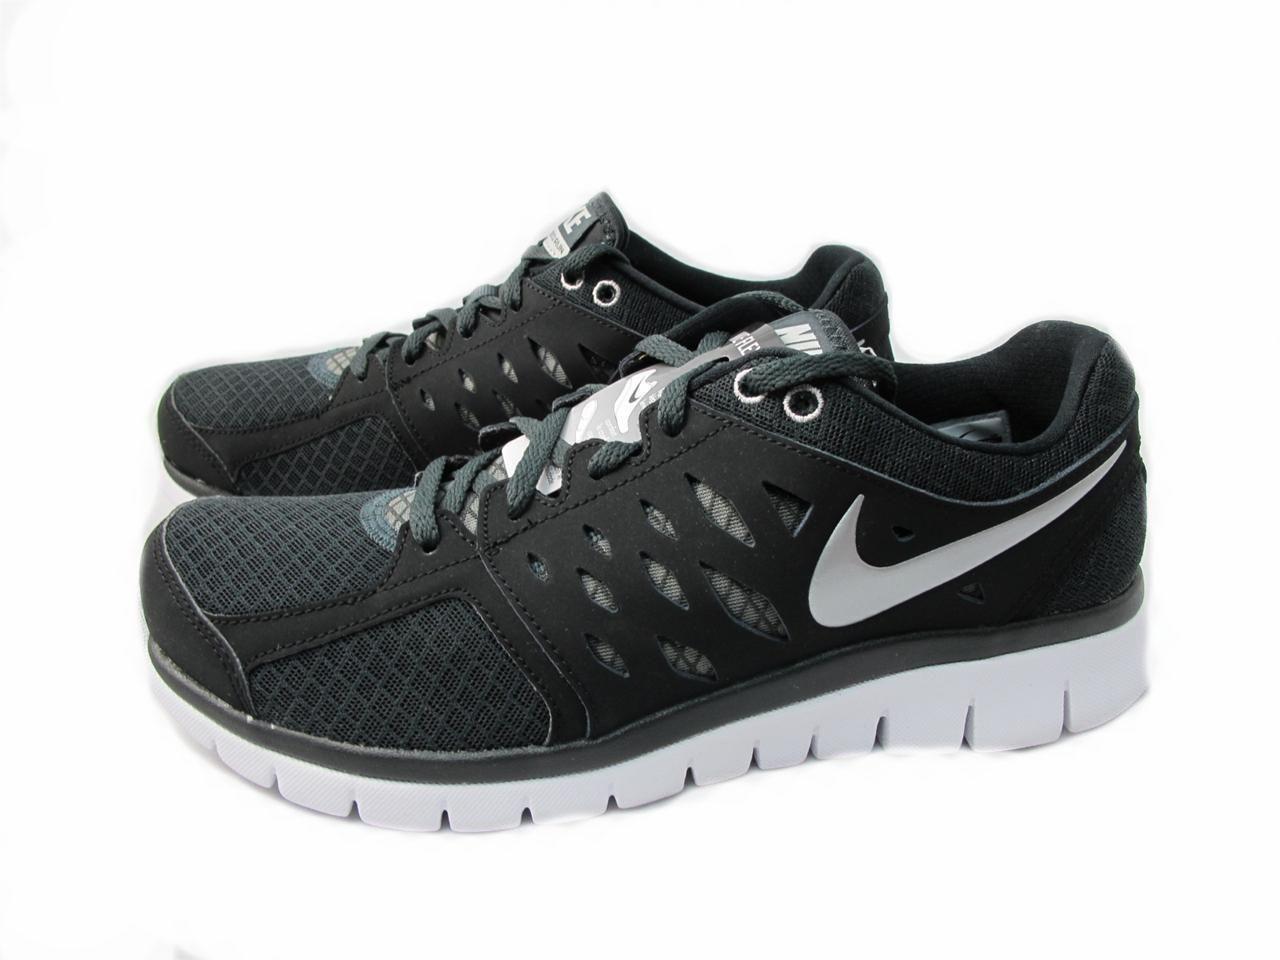 new arrival febb8 28b58 NIKE FLEX 2013 RN Black Silver White 579821 004 Running Men   Fitness,  Health   Useful Info.   Nike flex, Nike, Black silver